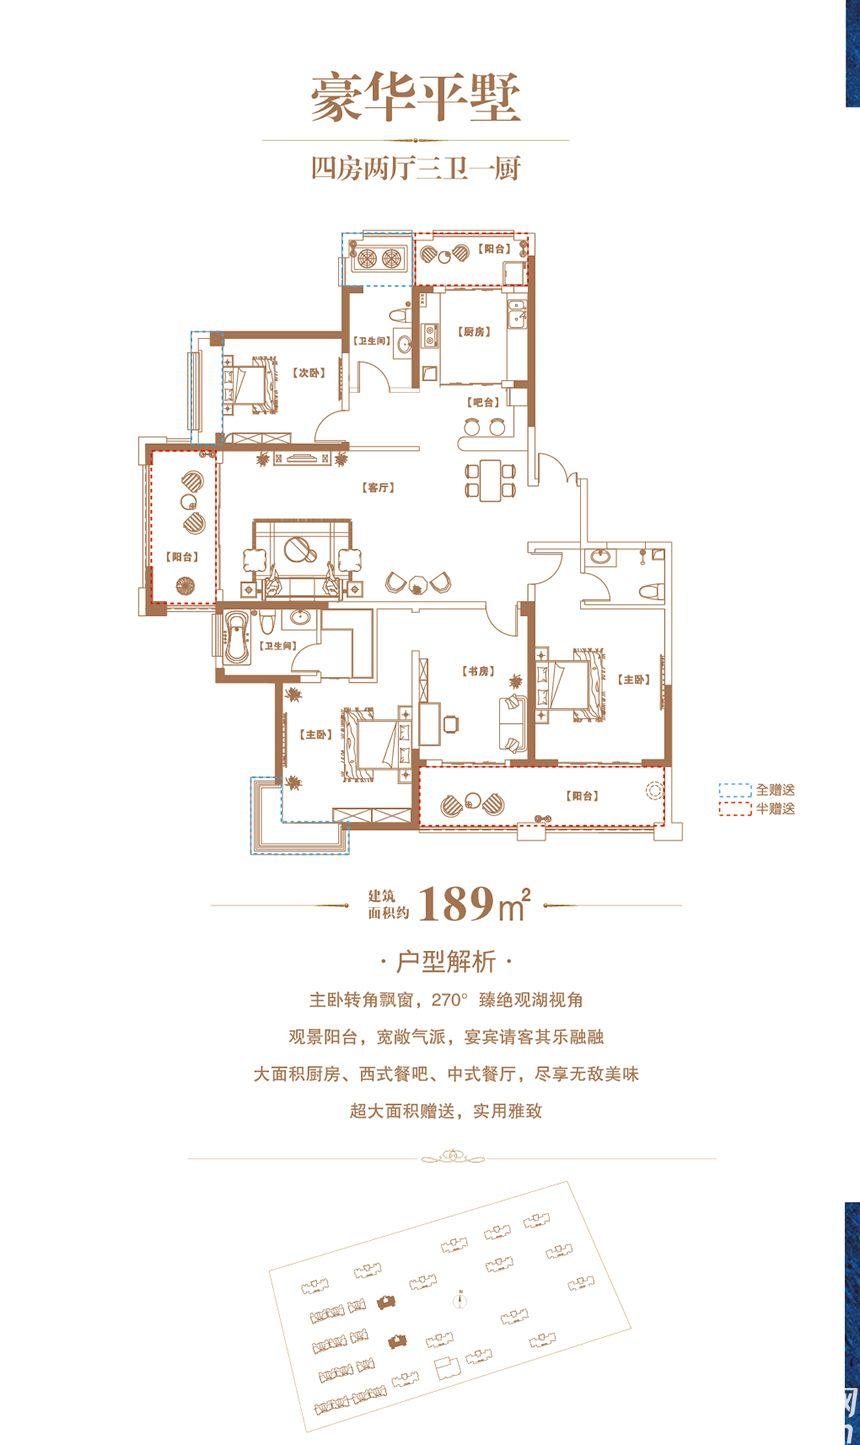 徽盐龙湖湾豪华平墅4室2厅189平米